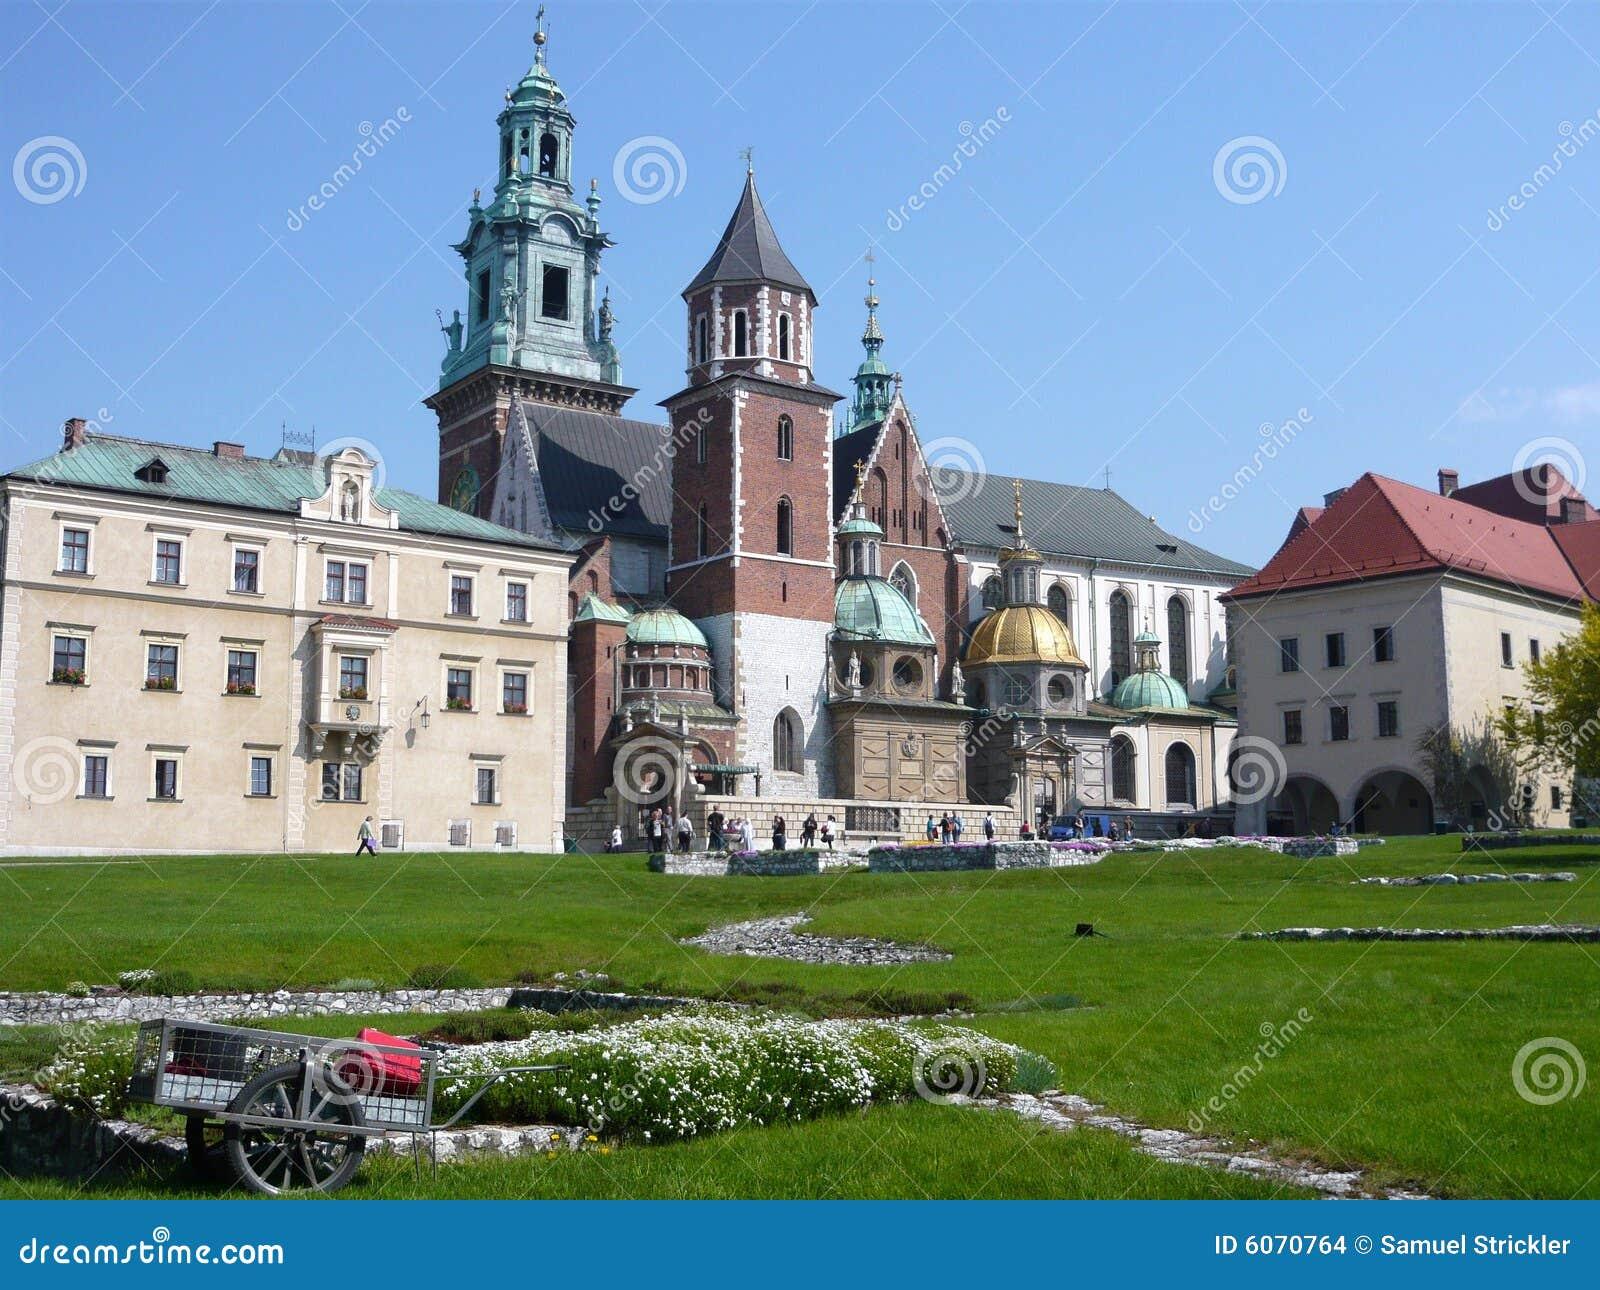 Krakow_Castle